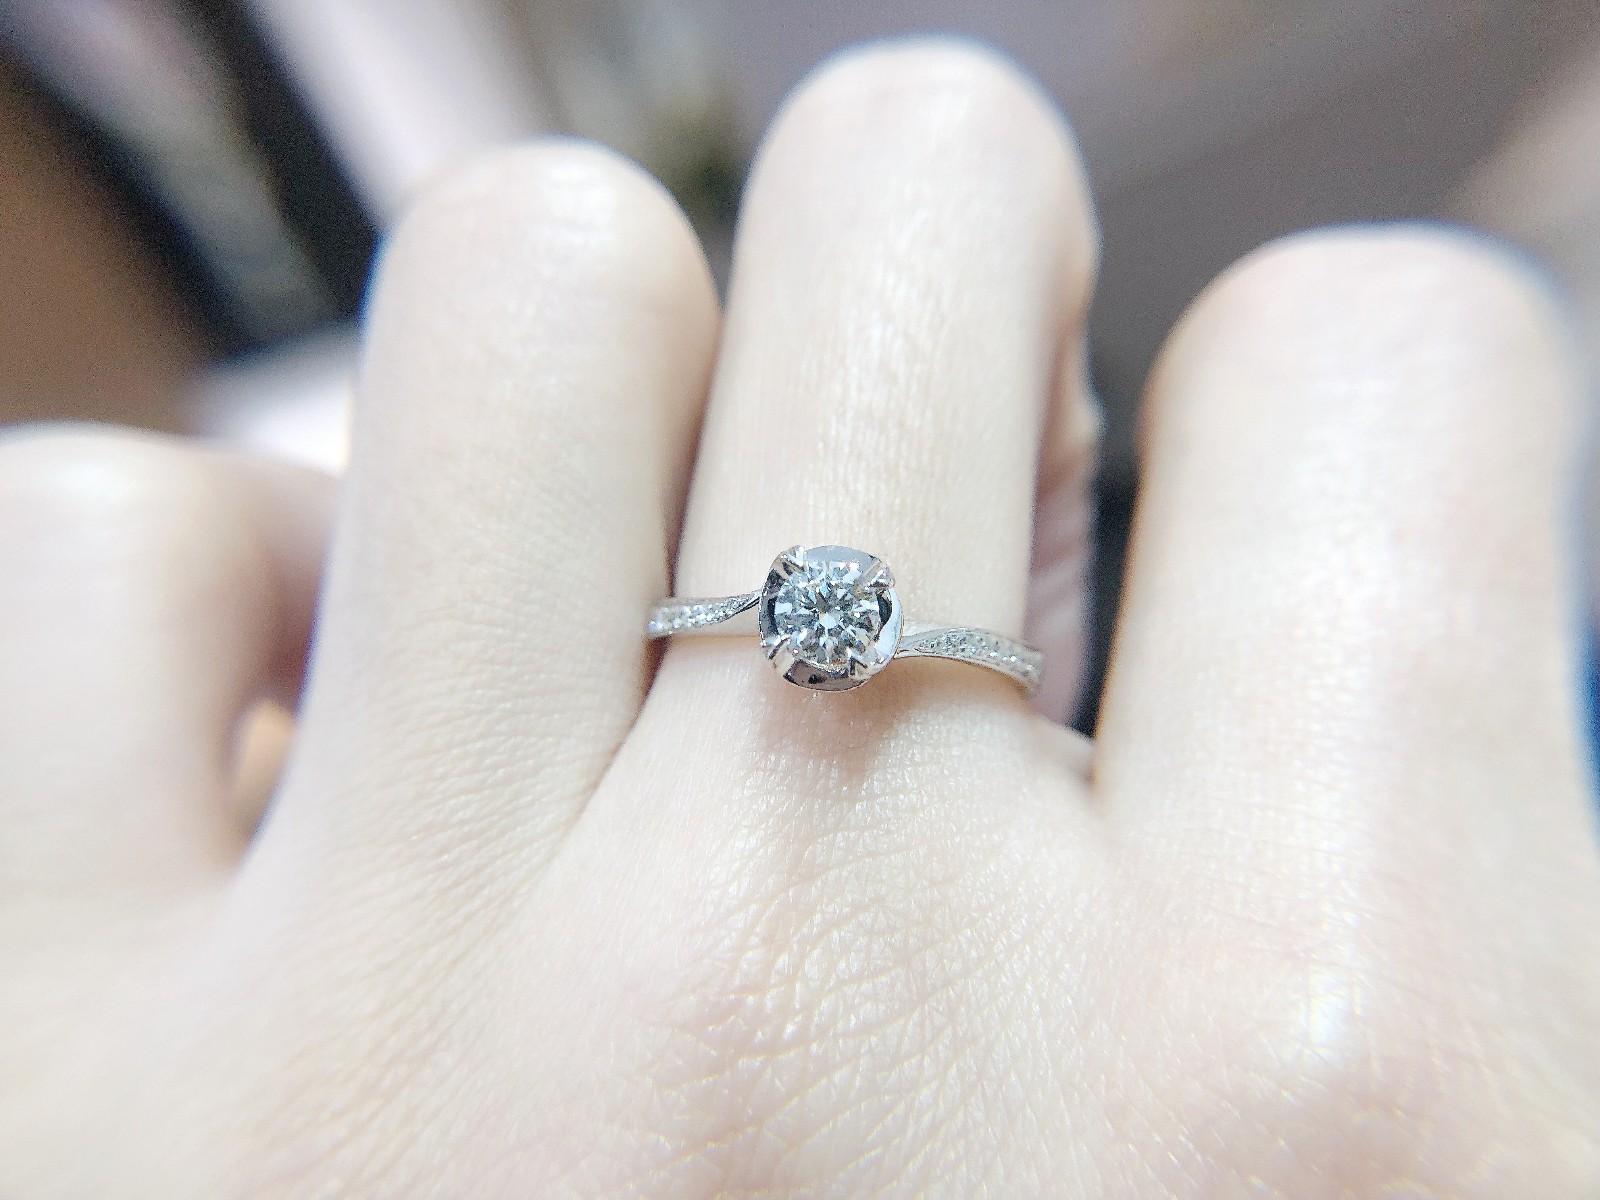 和女票一起出国,准备在国外求婚,有什么办法让她看不到准备的戒指?